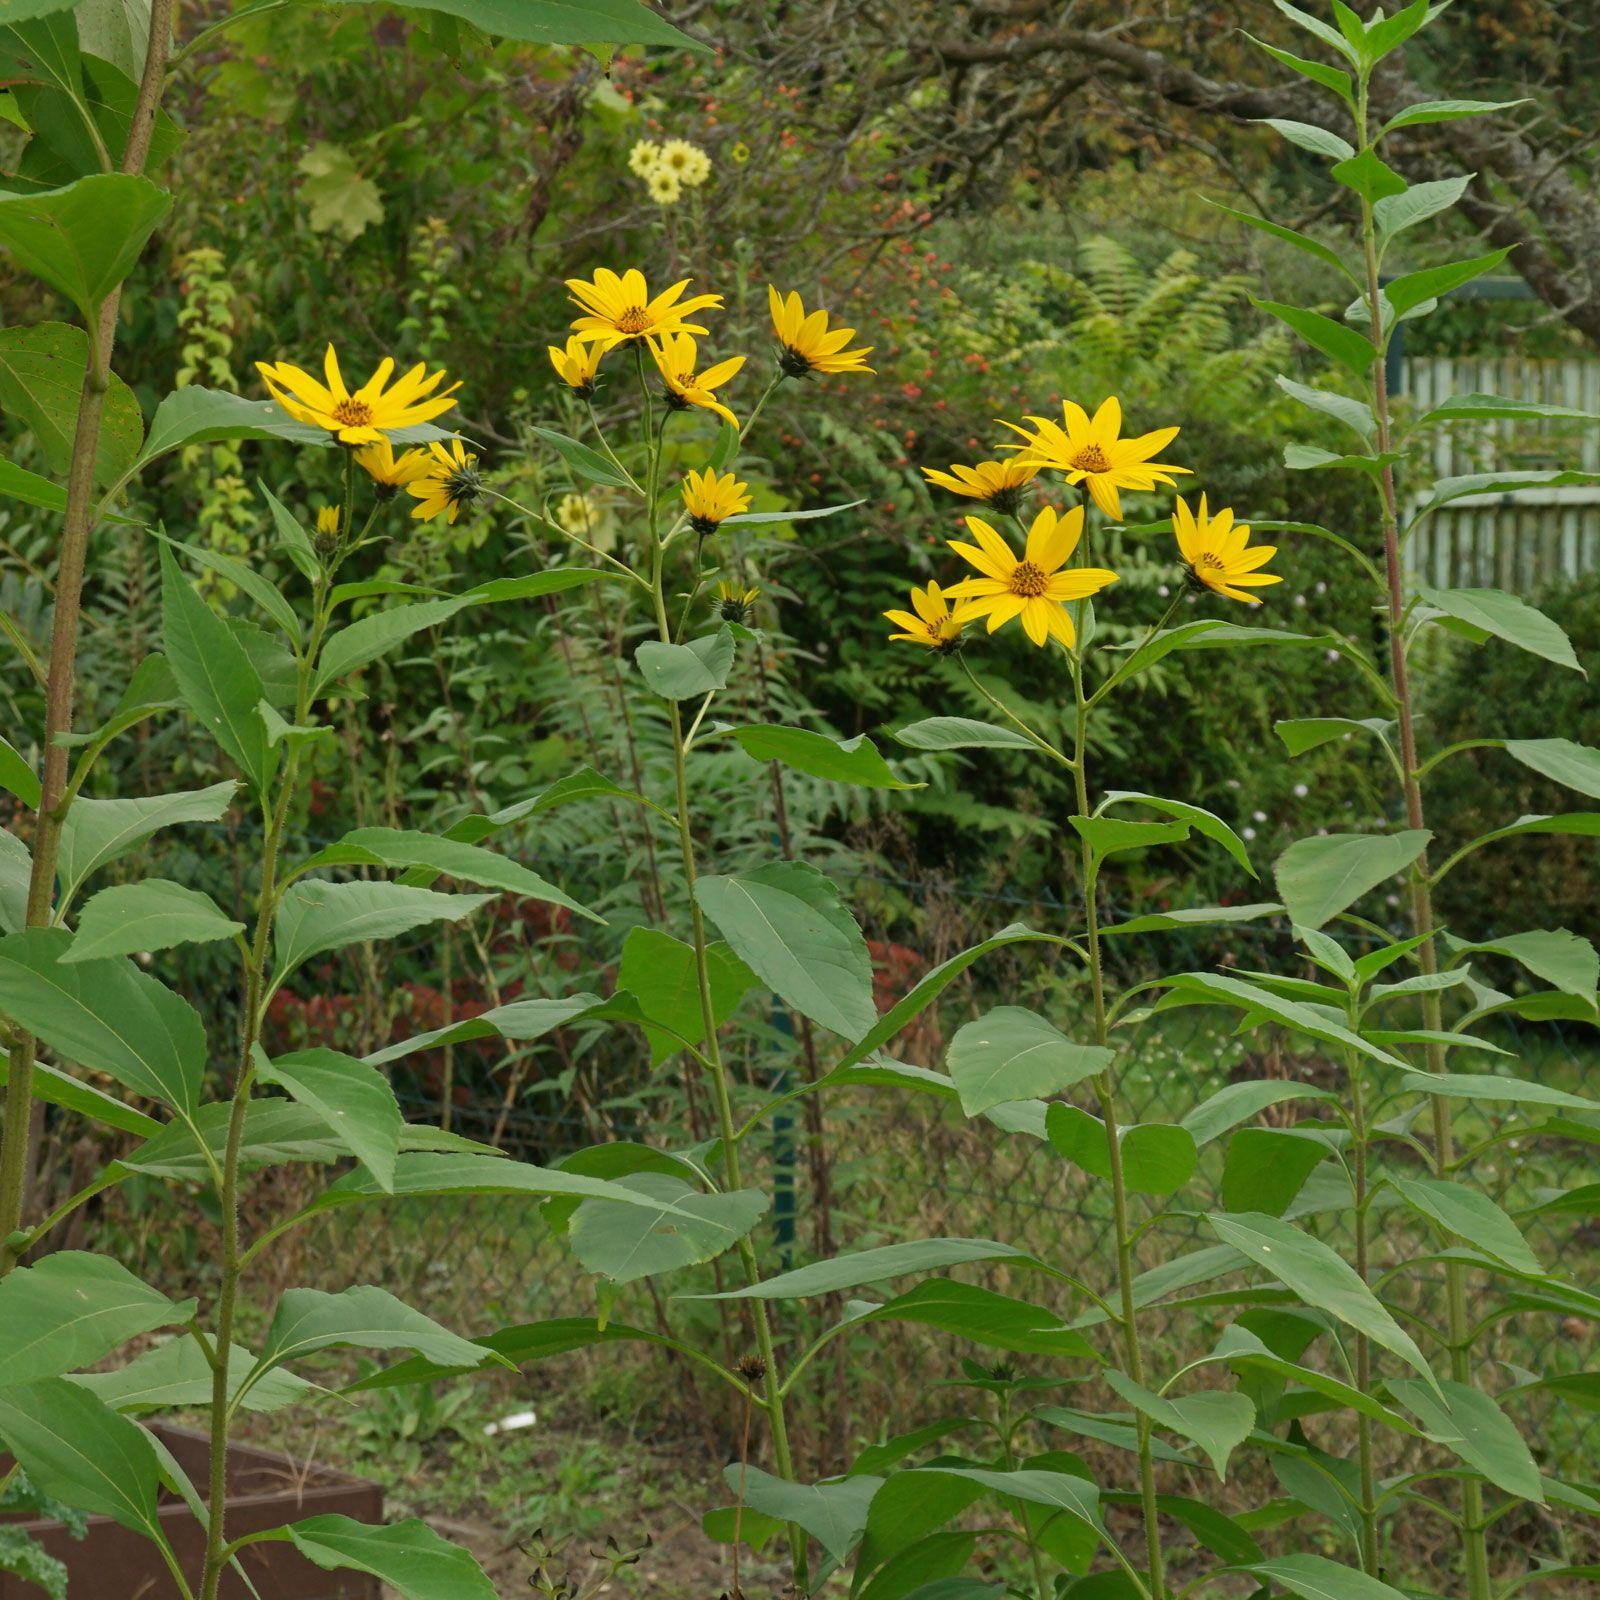 Helianthus Tuberosus Pflanzen Pflanzenbestimmung Erdbirne